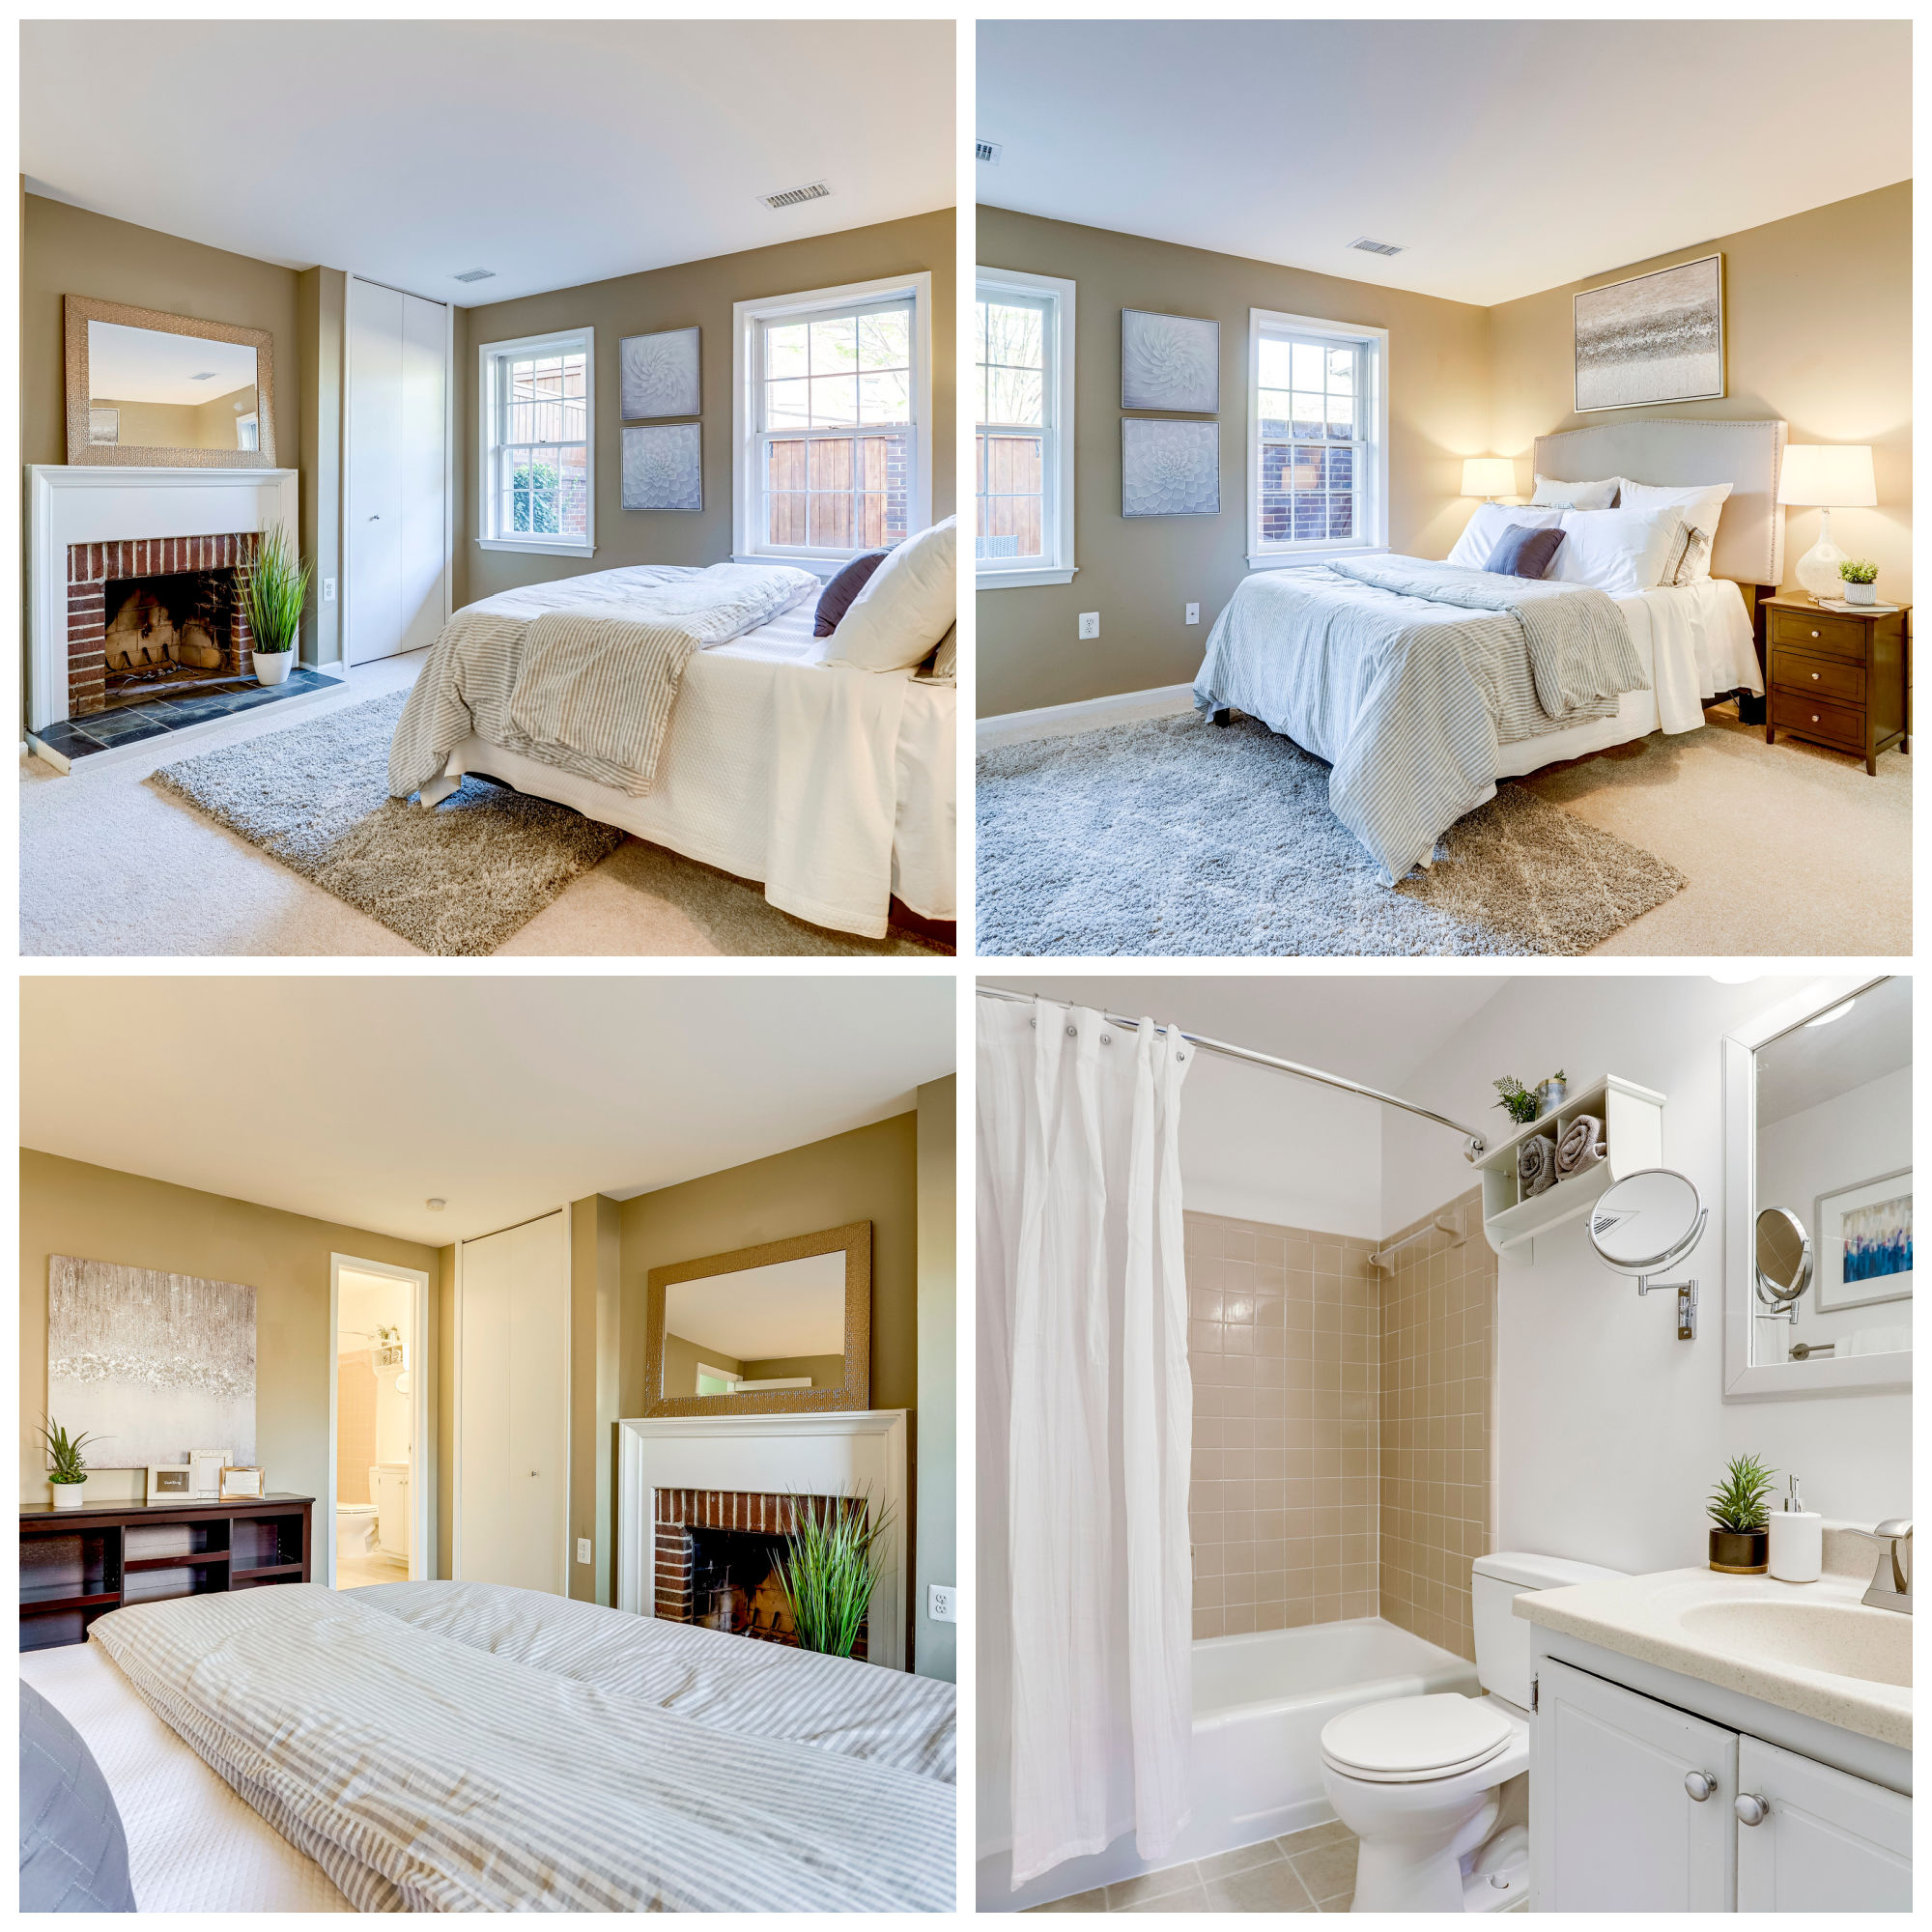 1947 N Calvert St #1, Arlington- Primary Suite